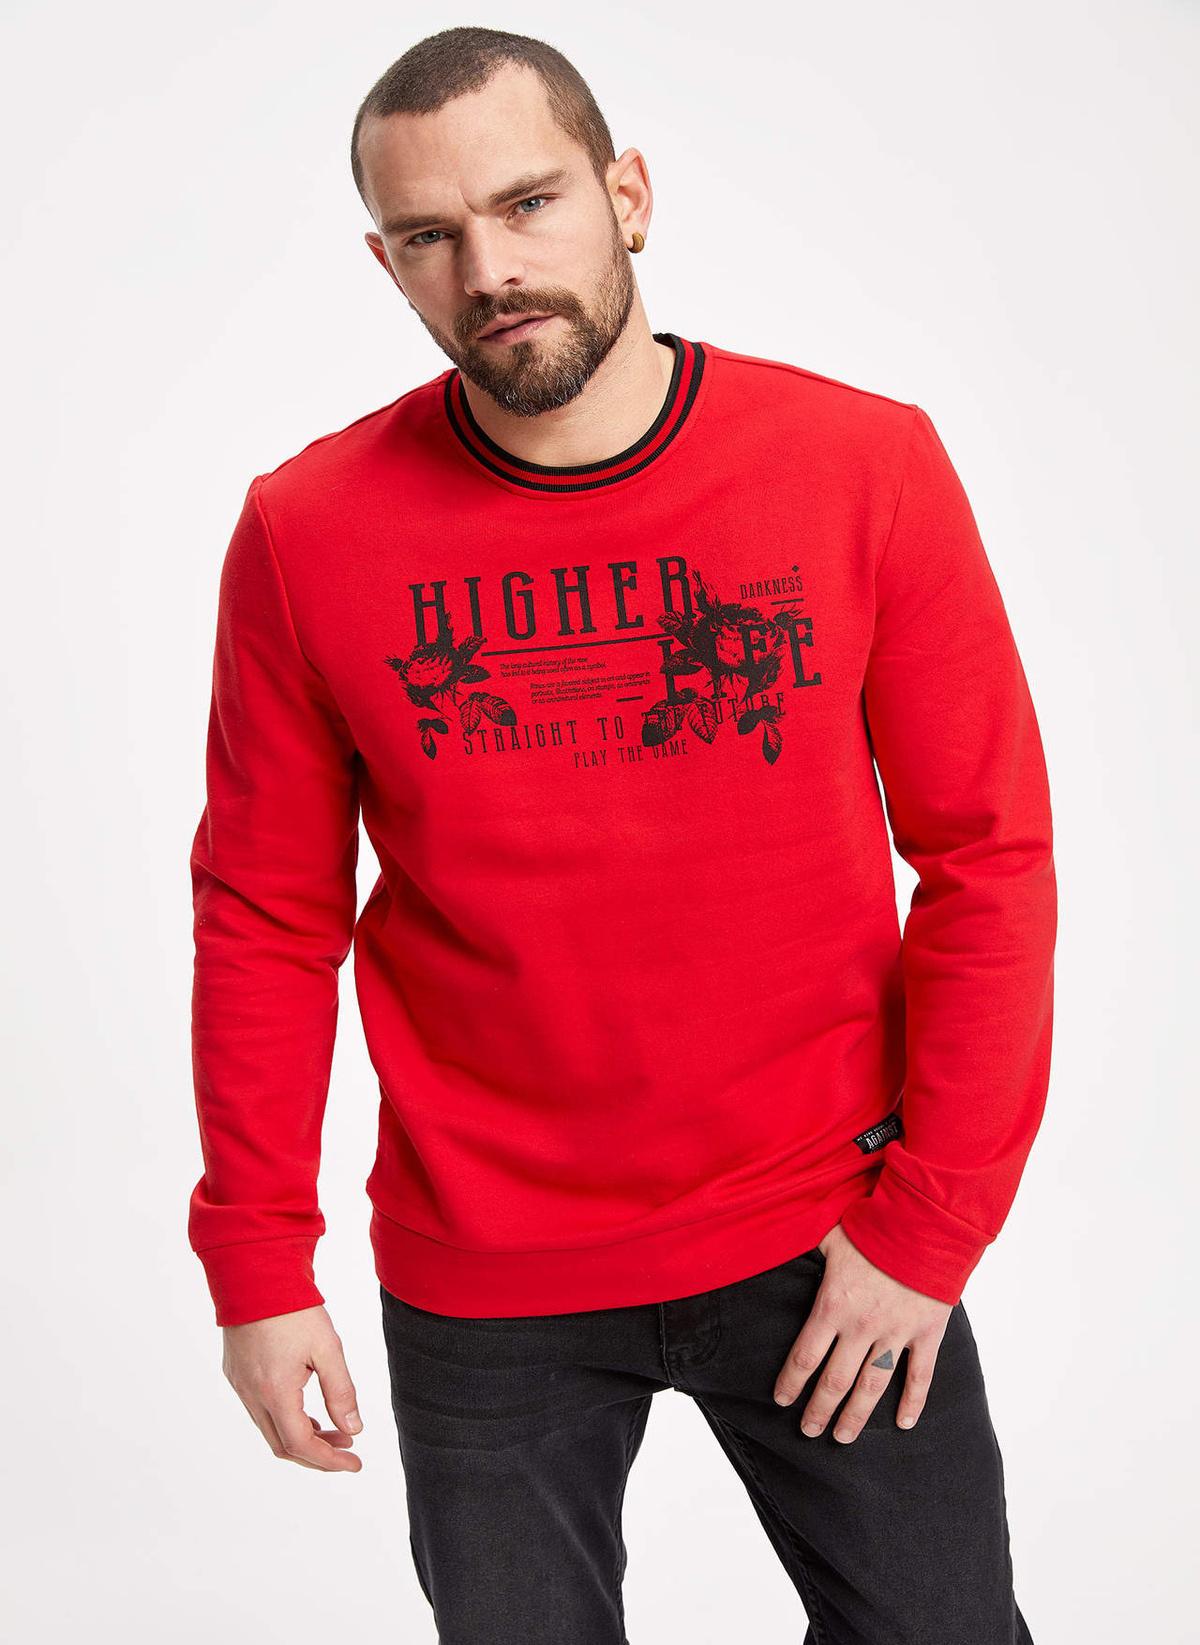 Defacto Yazı Baskılı Slim Fit Sweatshirt K1300az19sprd303sweatshirt – 59.99 TL